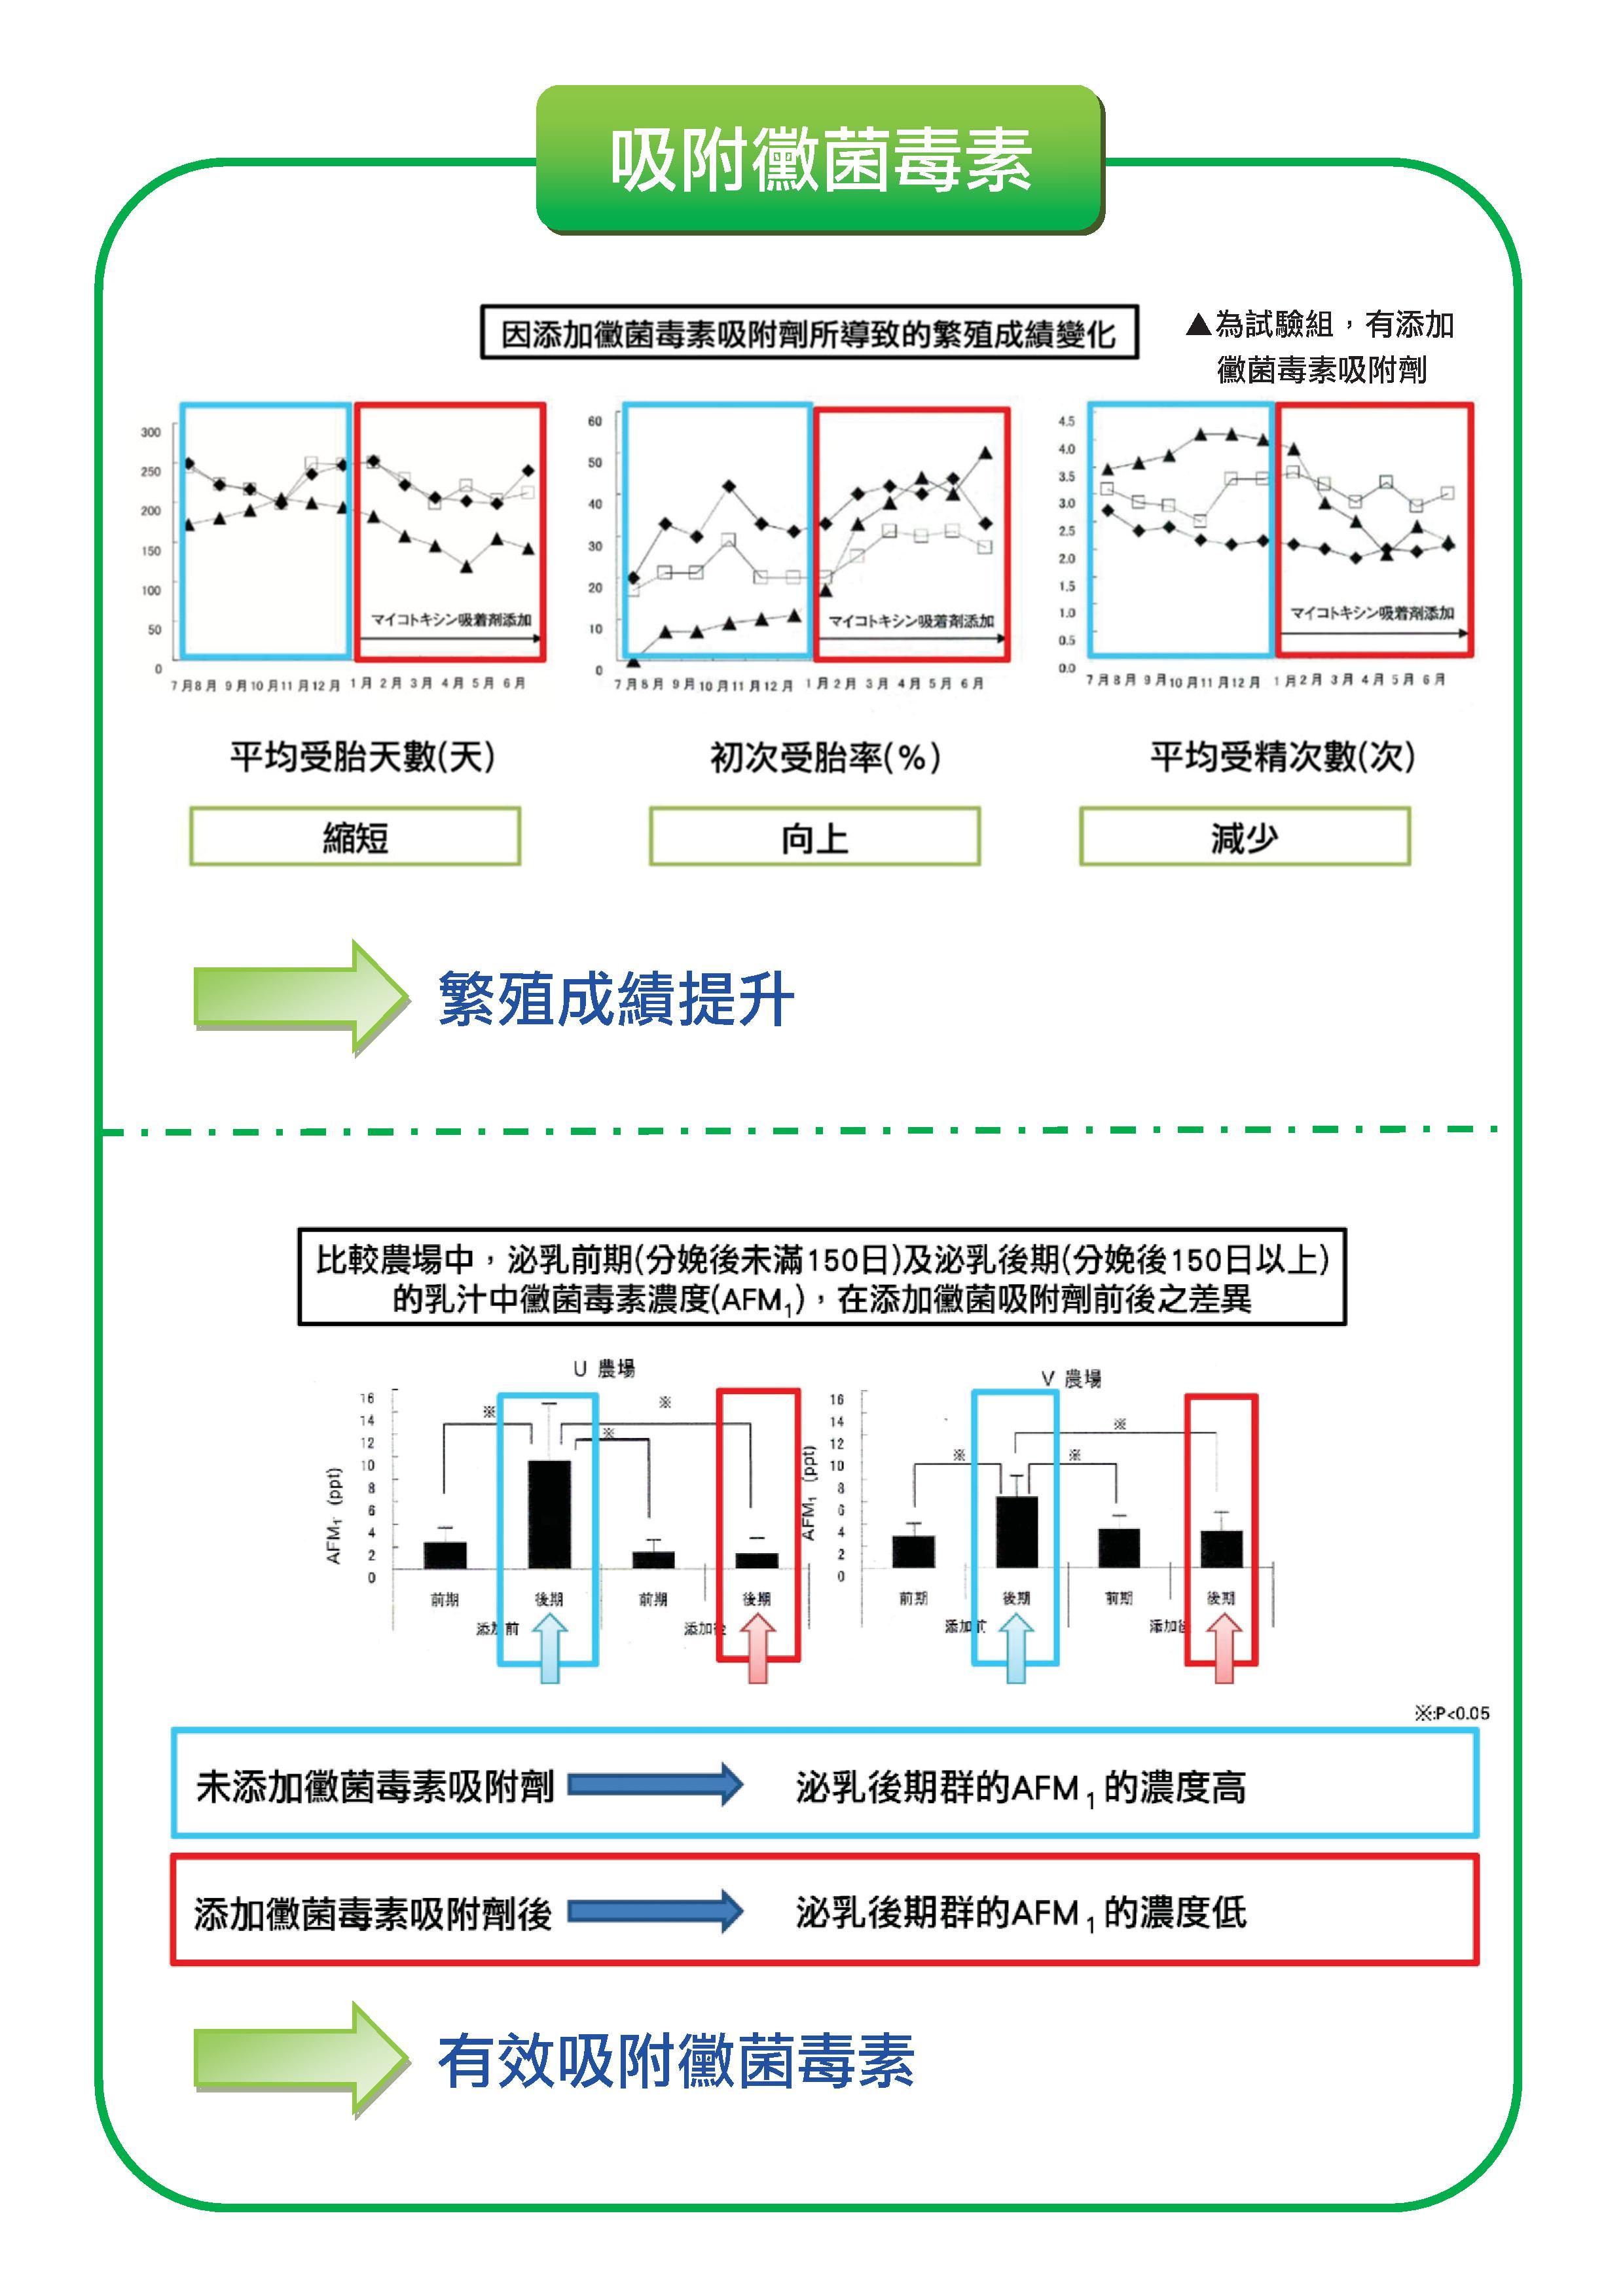 肝寶吸附劑DM-牛_20170621.pdf0001